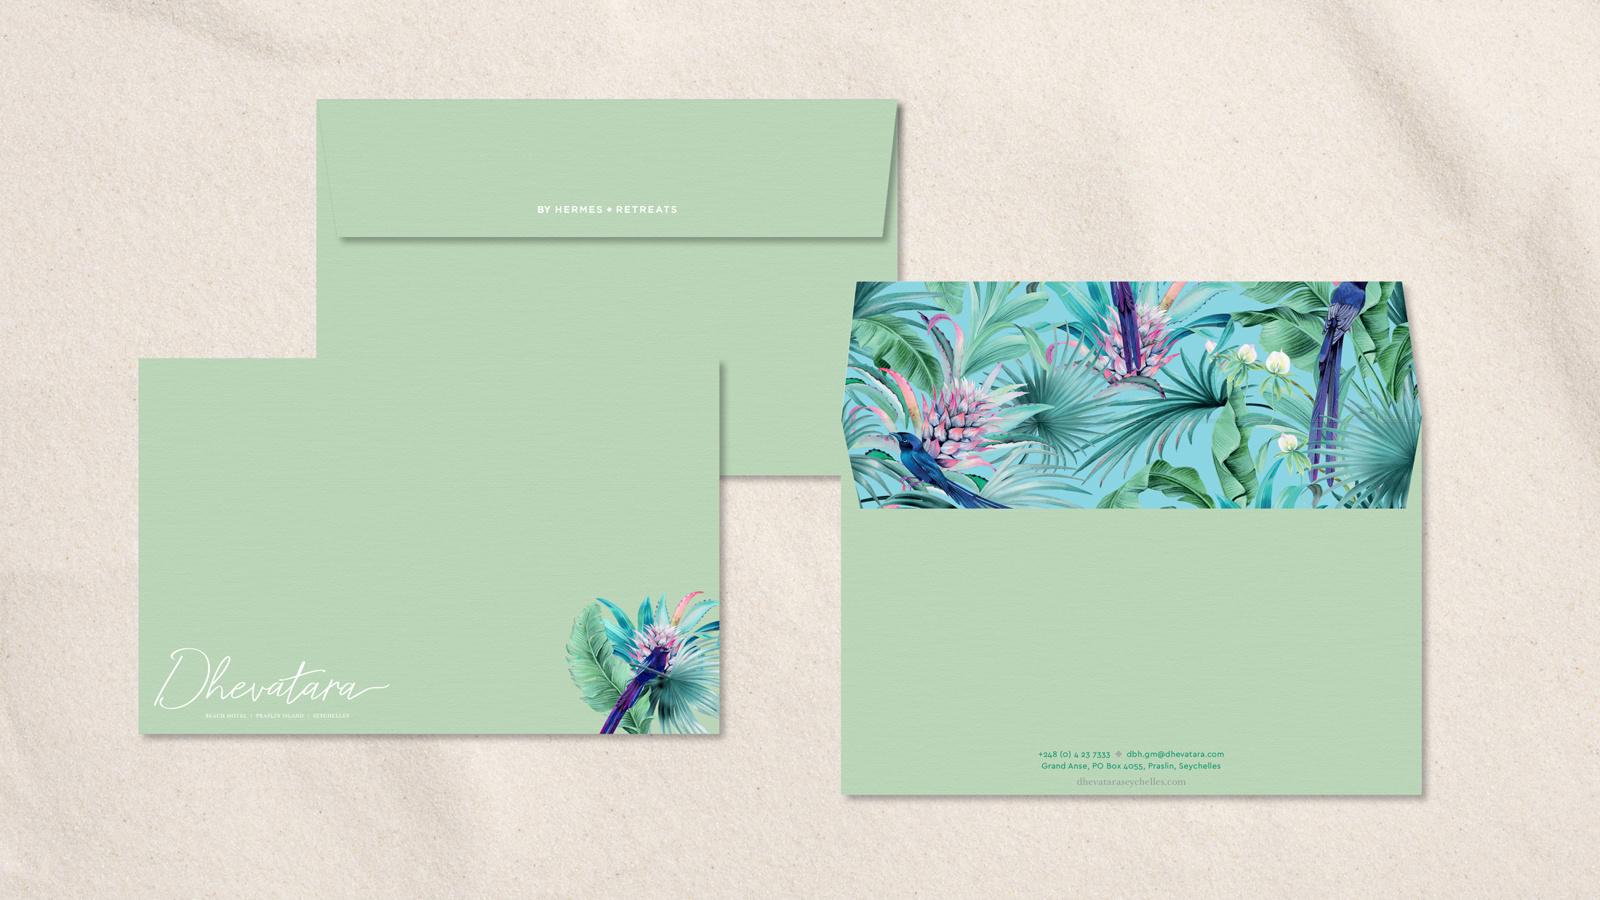 cb46bebd53dc6d45-Dhevatara-Envelopes.jpg